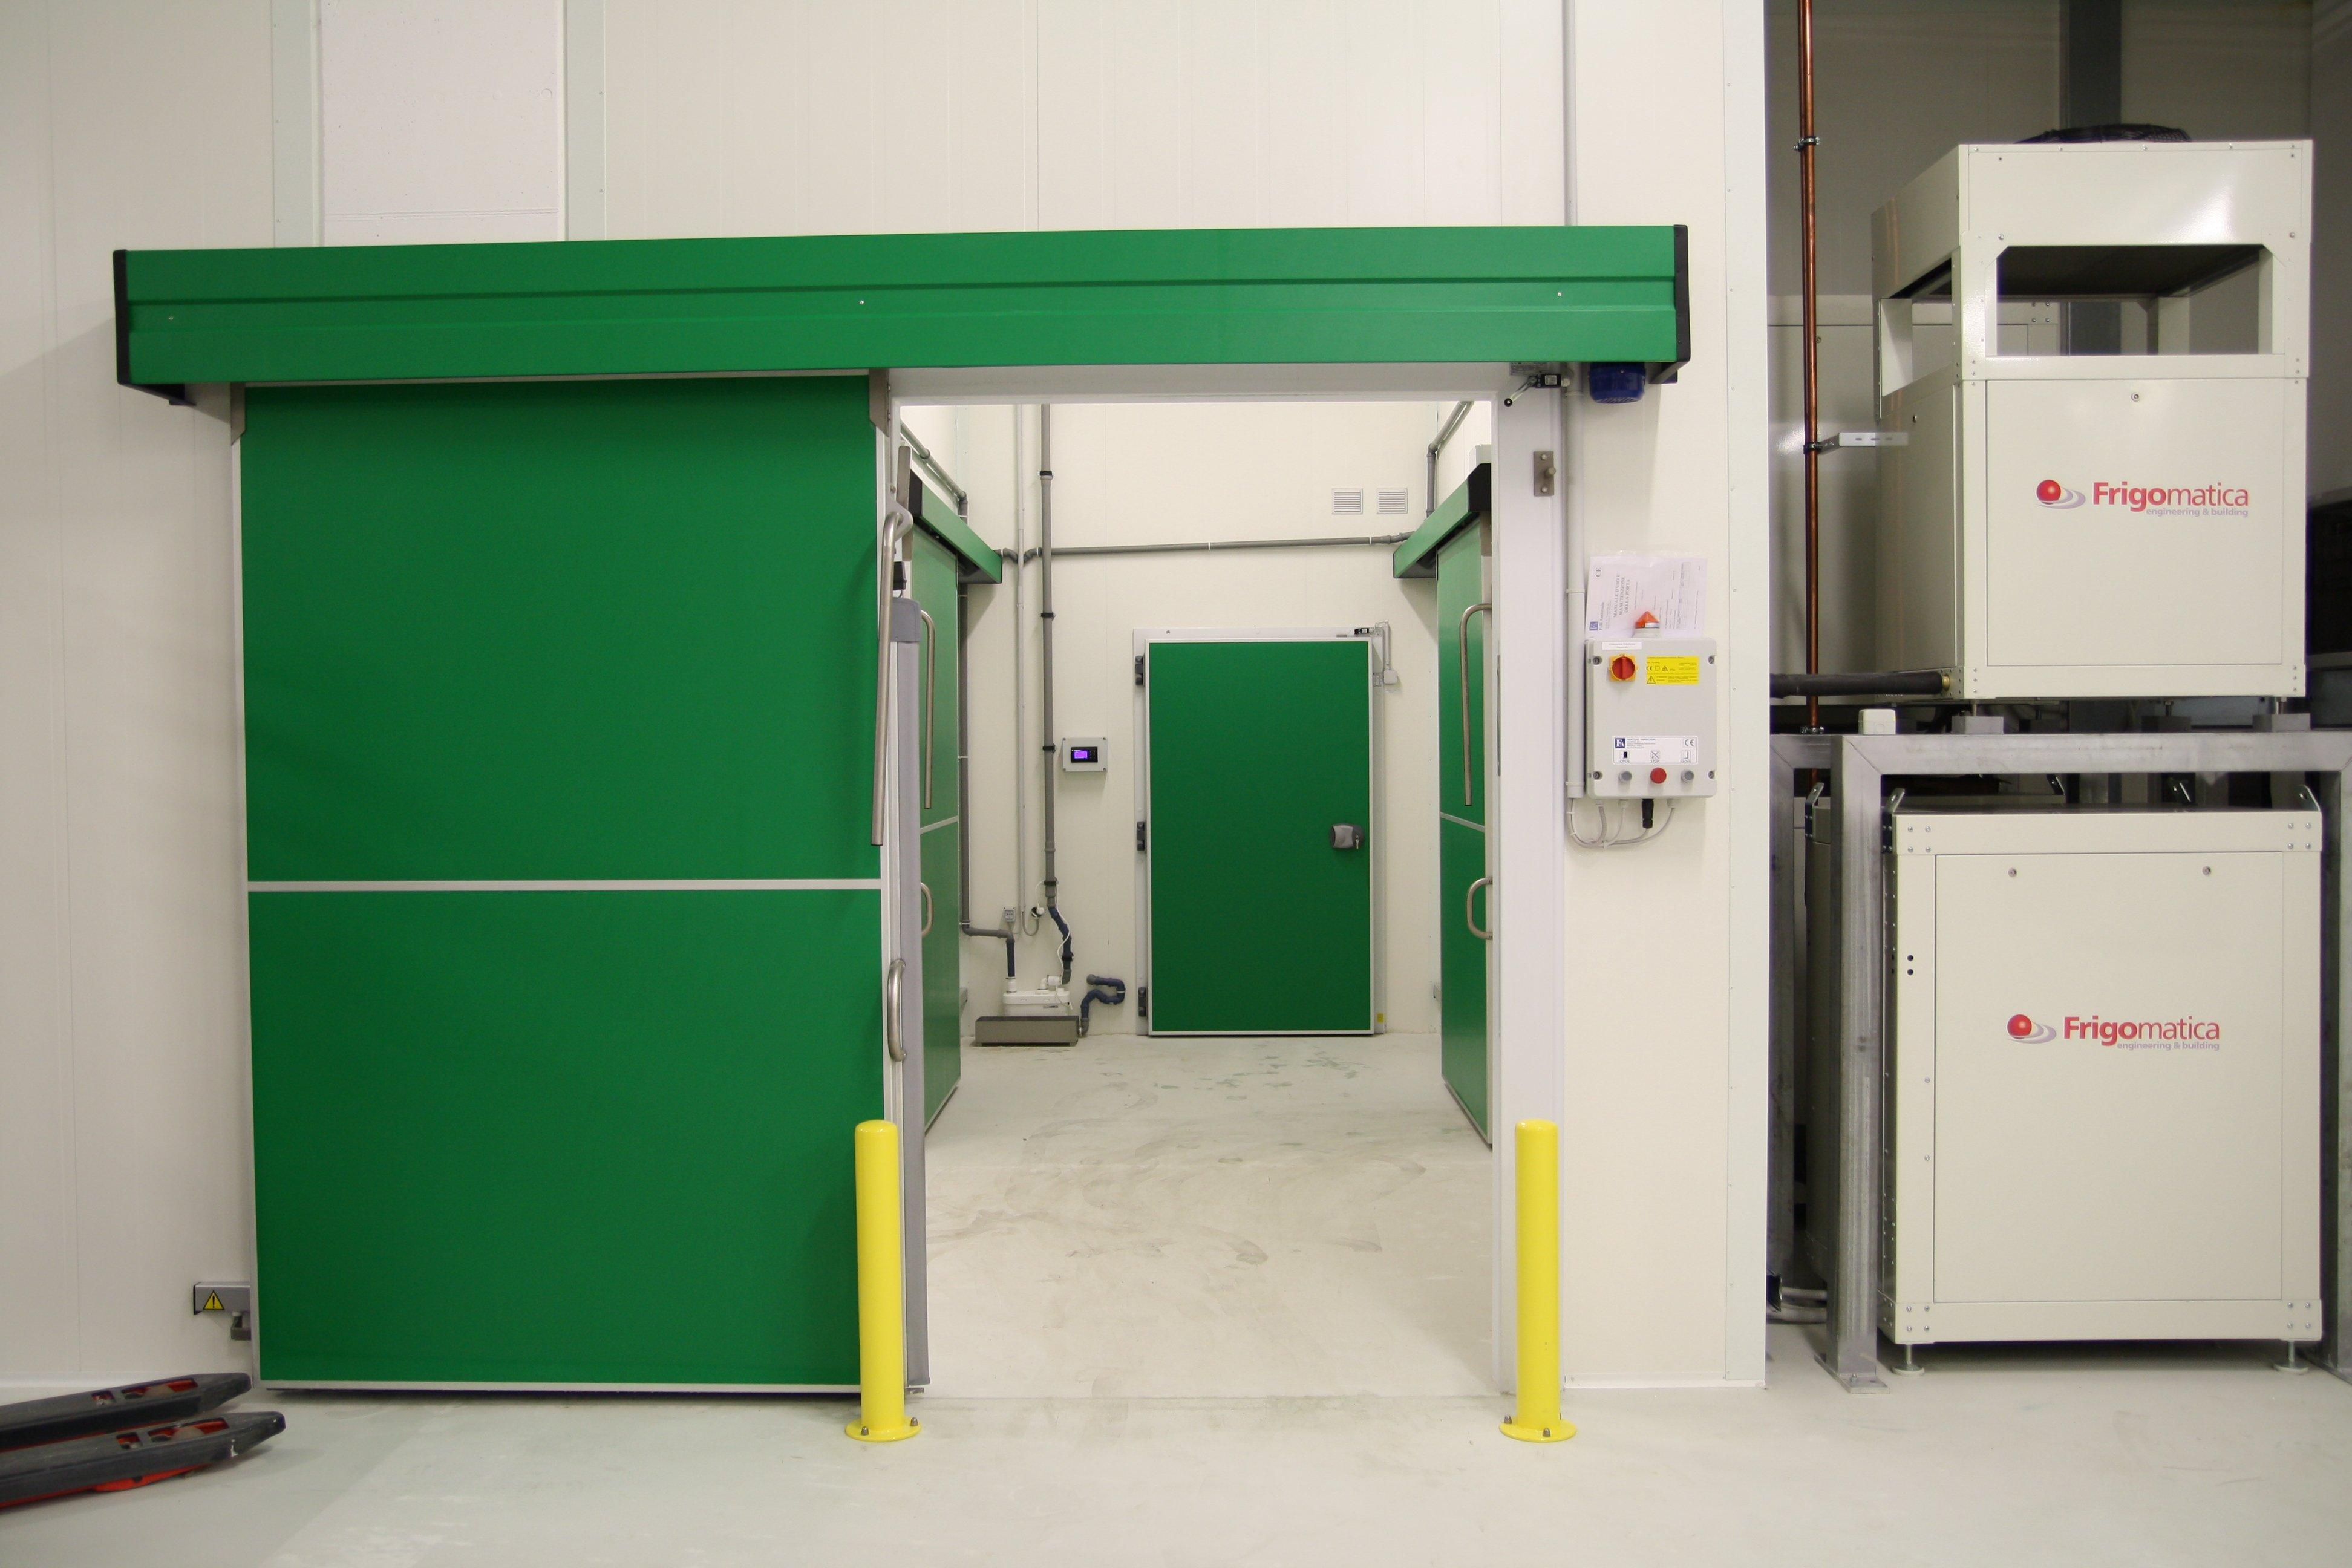 corridoio industriale con porte arancioni